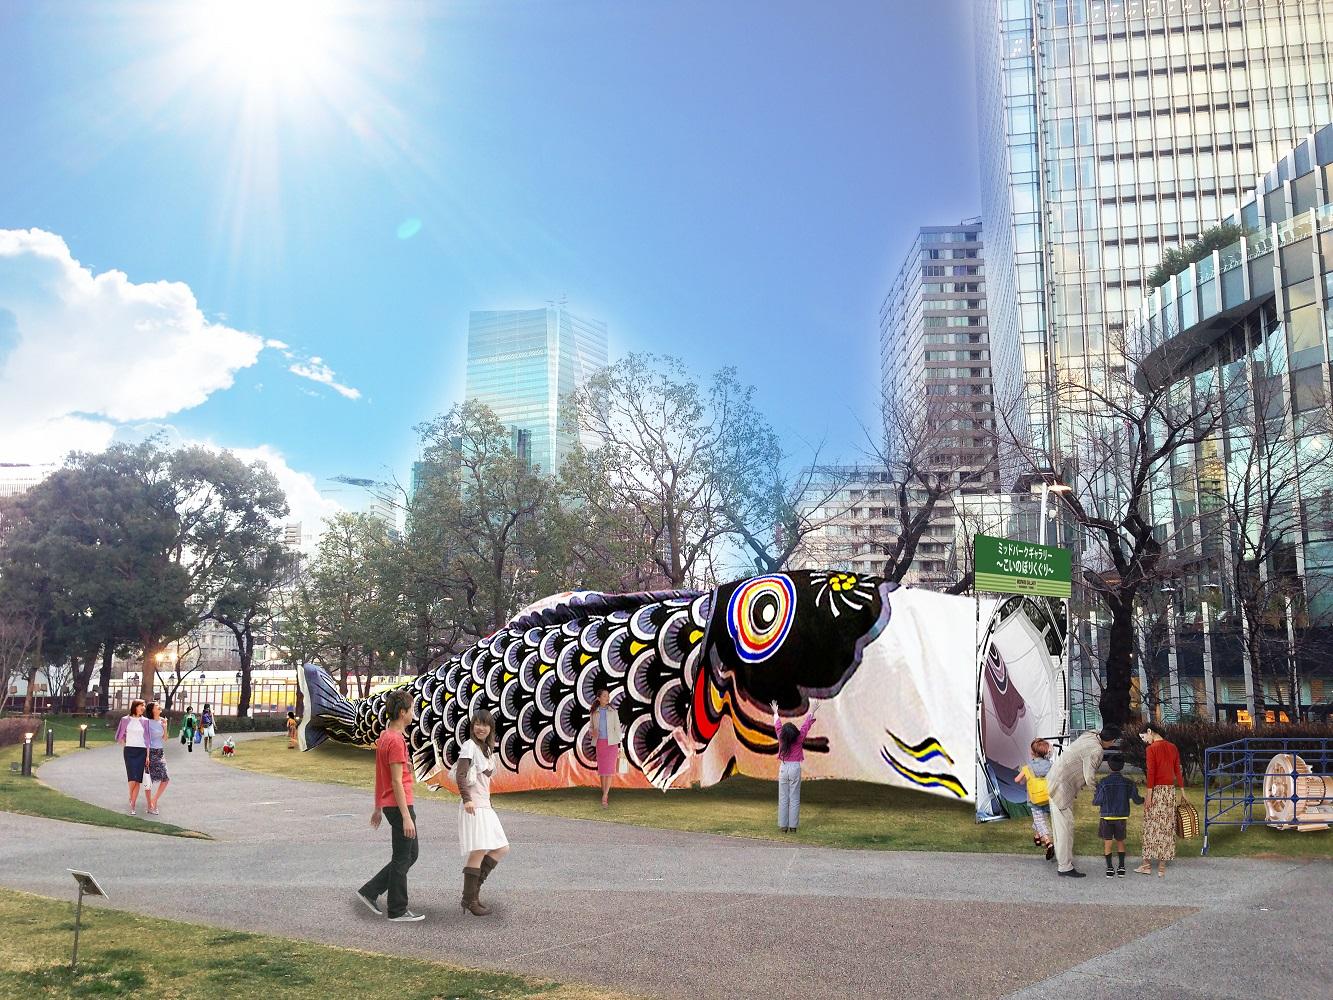 ミッドタウンオープンザパーク 2017 (amuzen article)